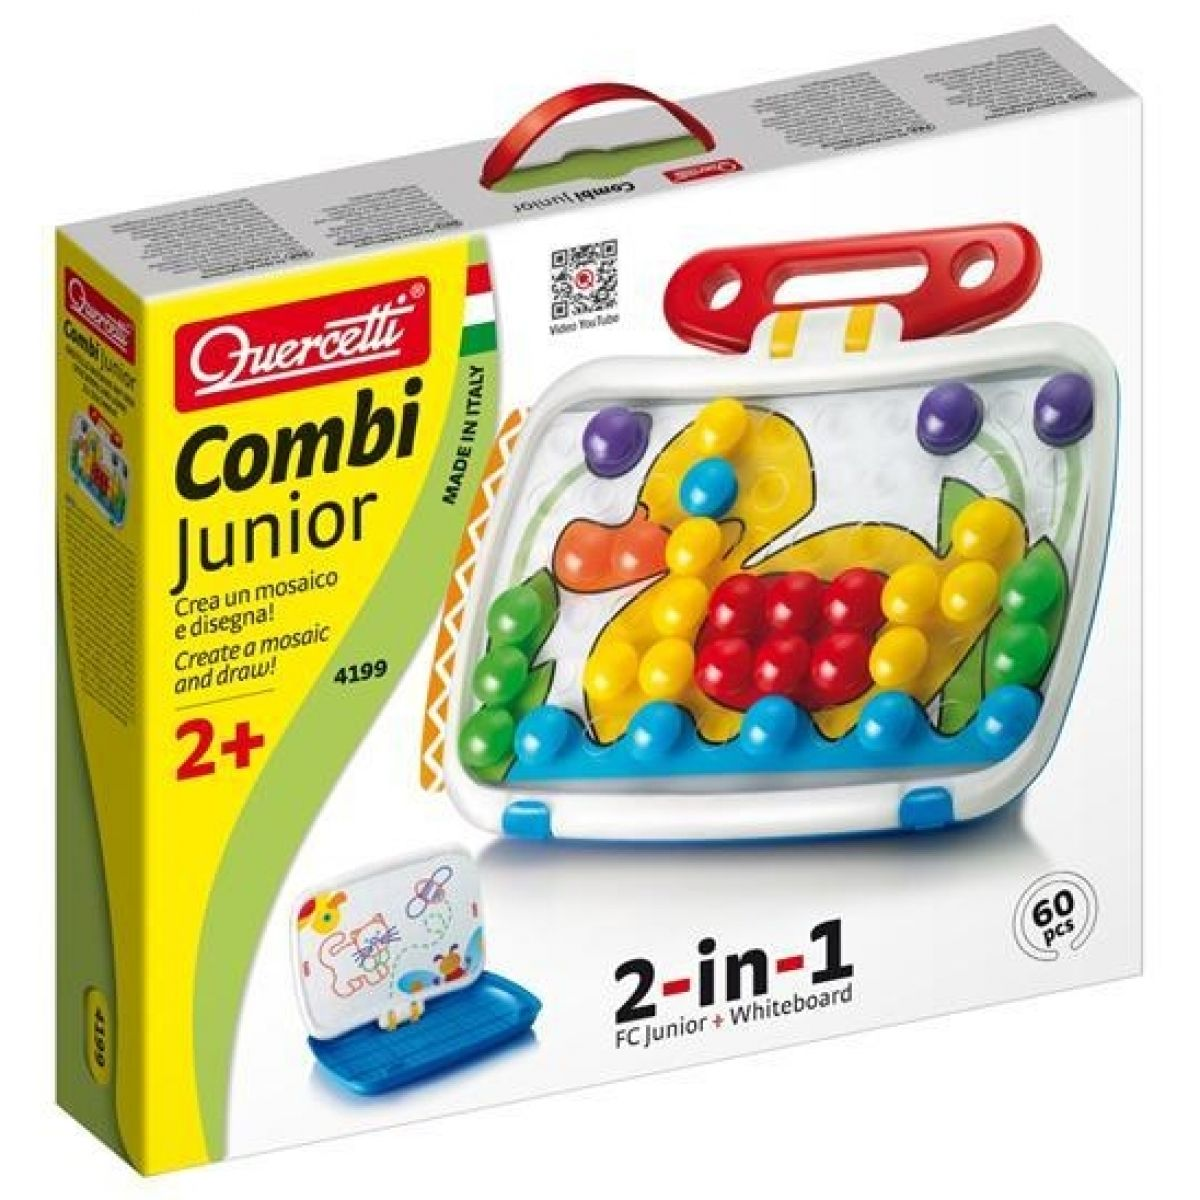 Quercetti Combi Junior